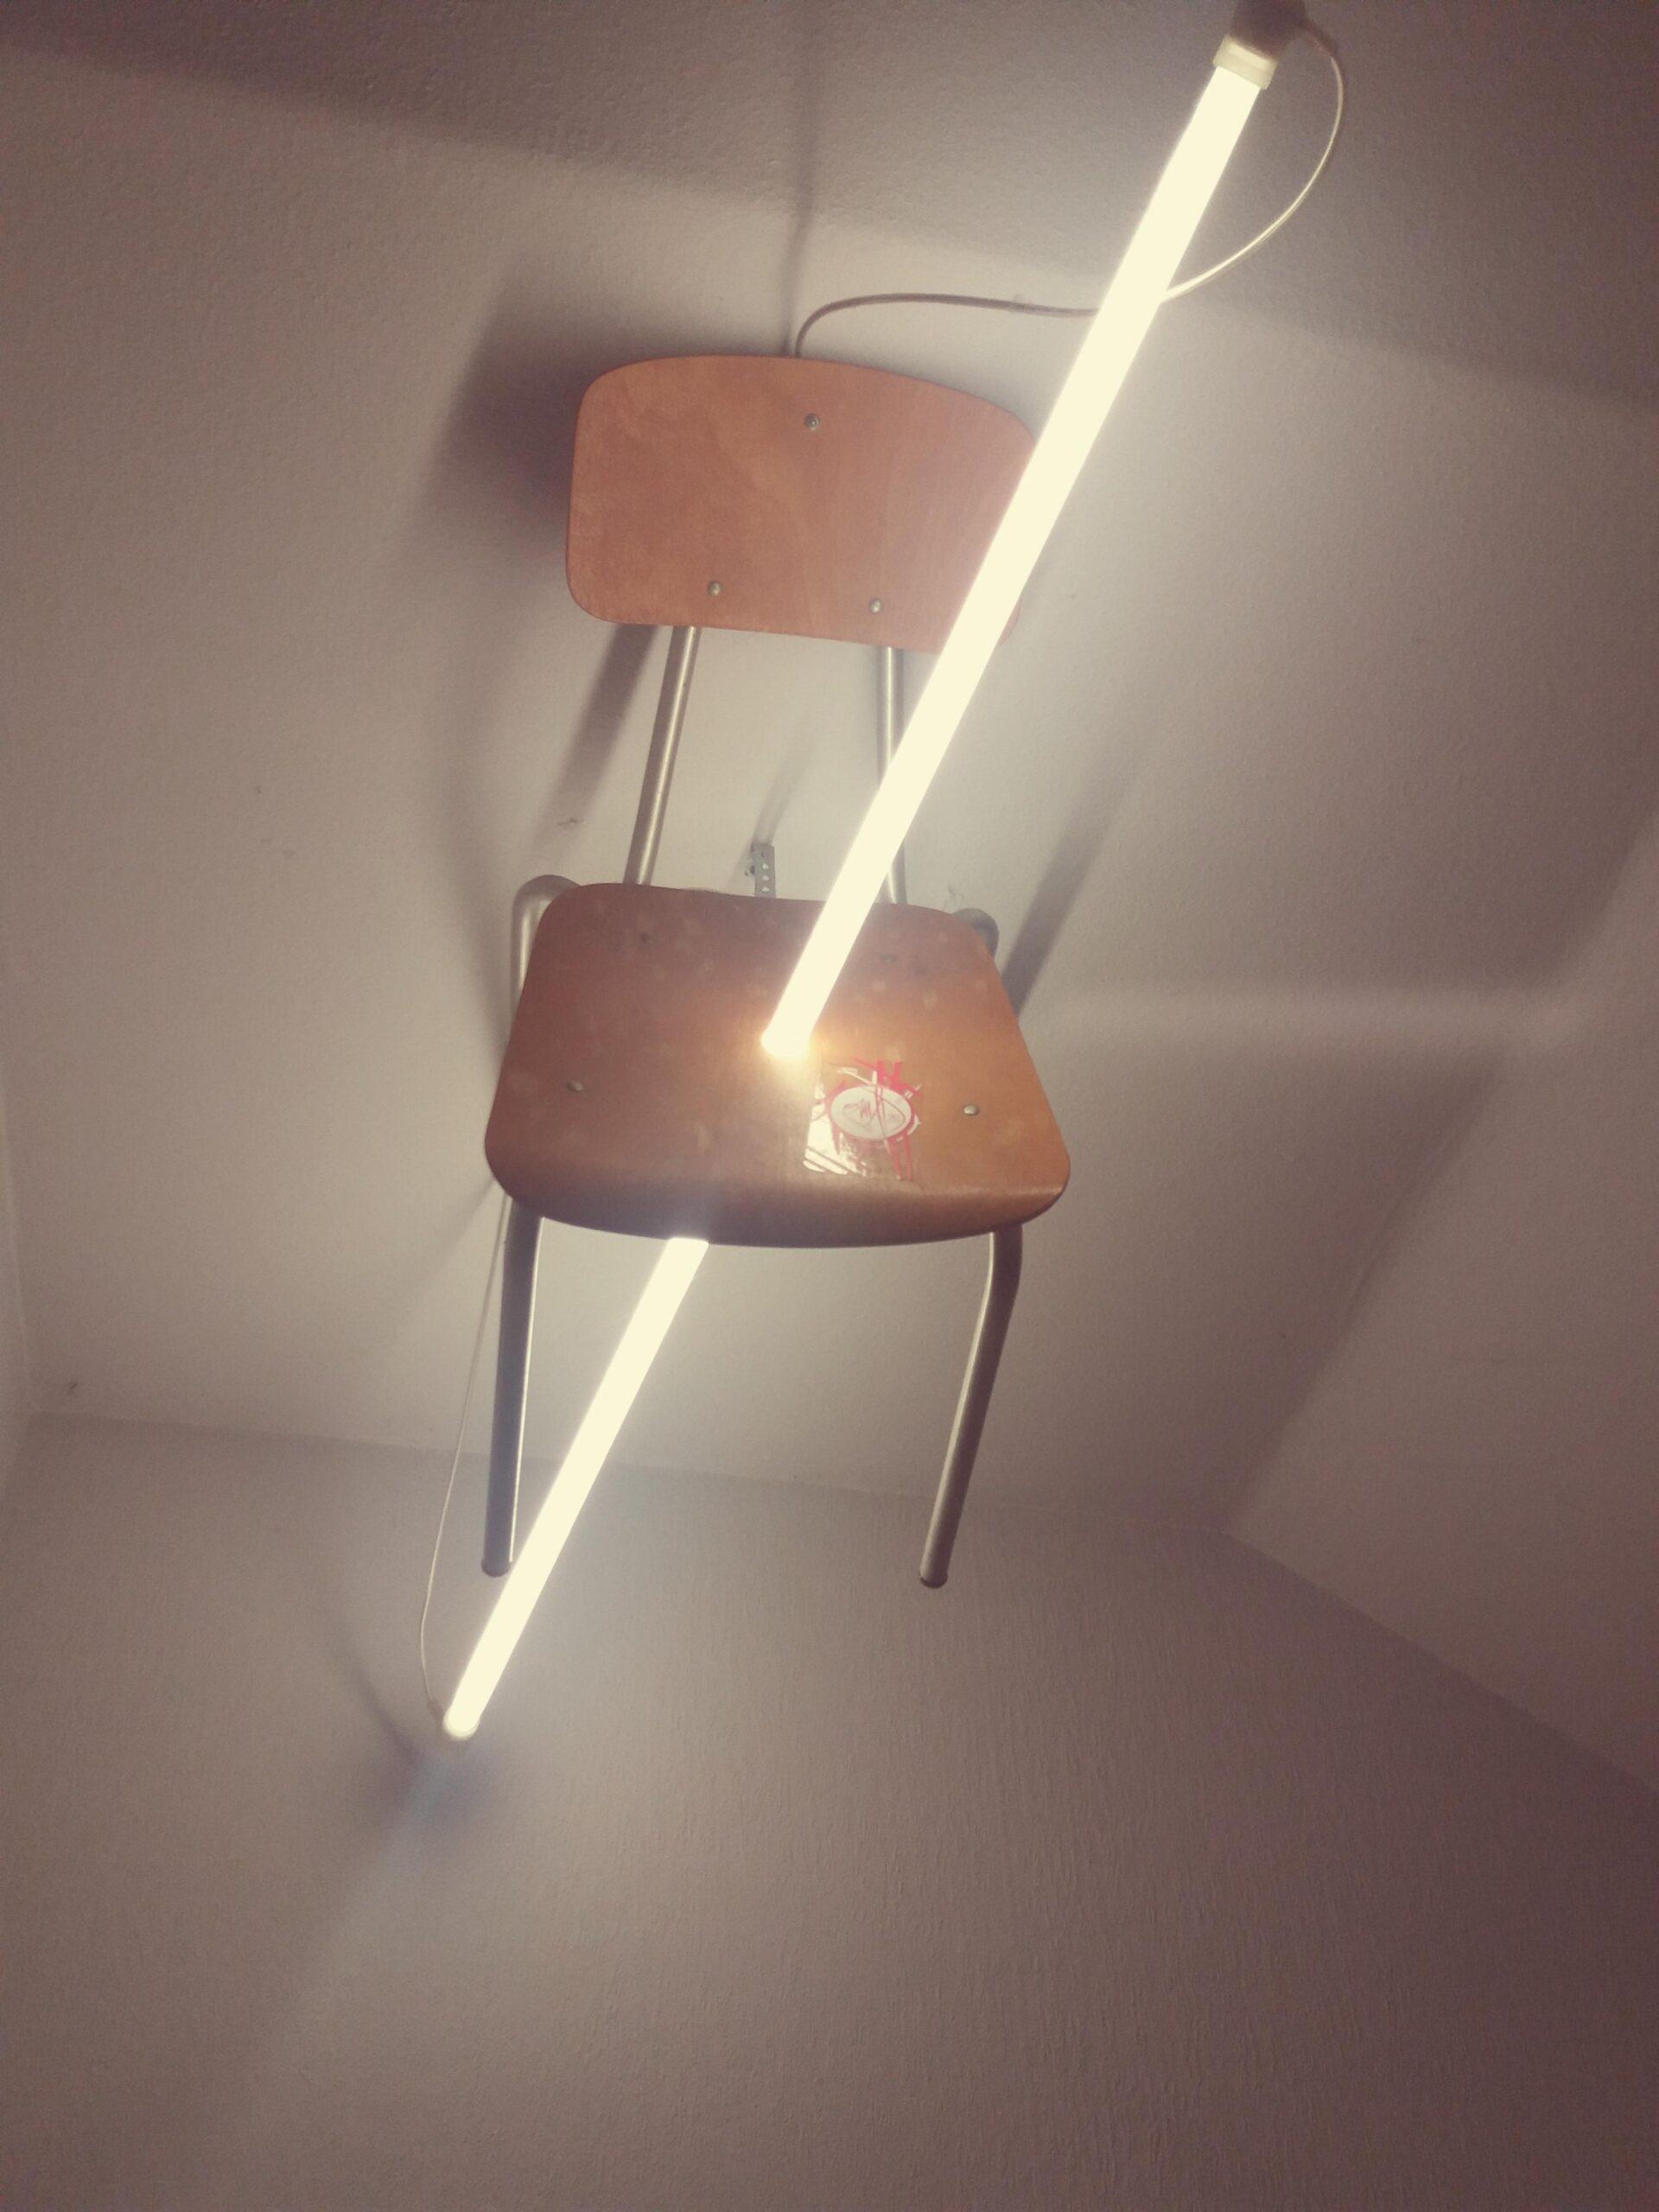 Full Size of Deckenlampen Ideen Wenn Dir Ausgehen Wohnzimmer Bad Renovieren Modern Für Tapeten Wohnzimmer Deckenlampen Ideen